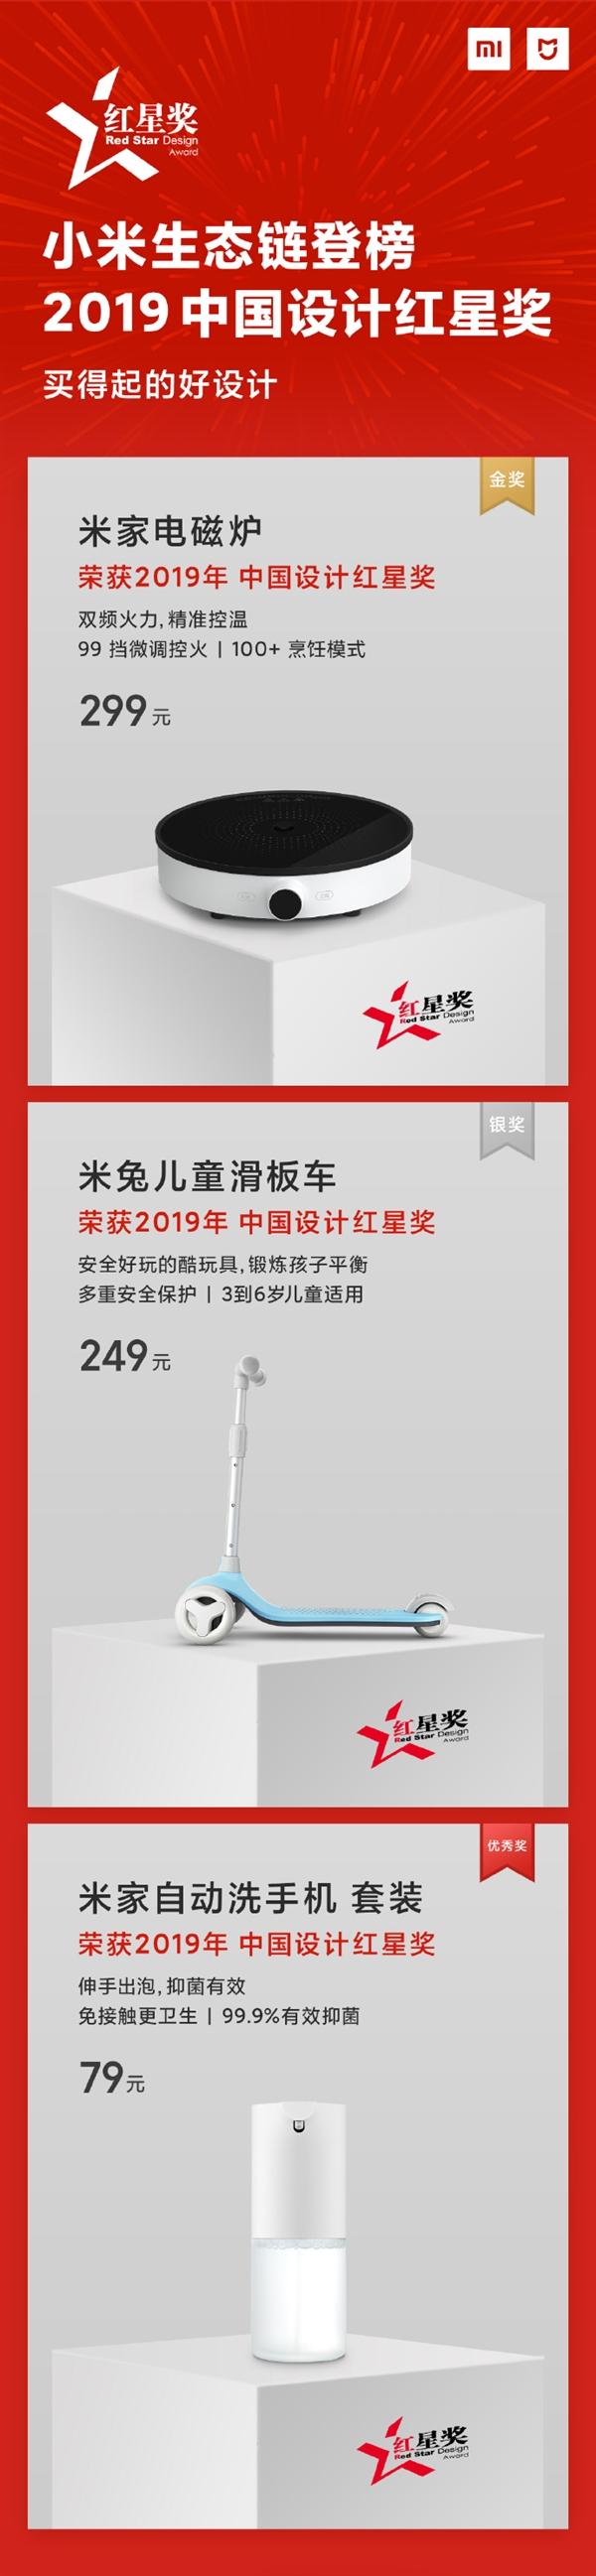 小米生态链3款产品获2019中国设计红星奖